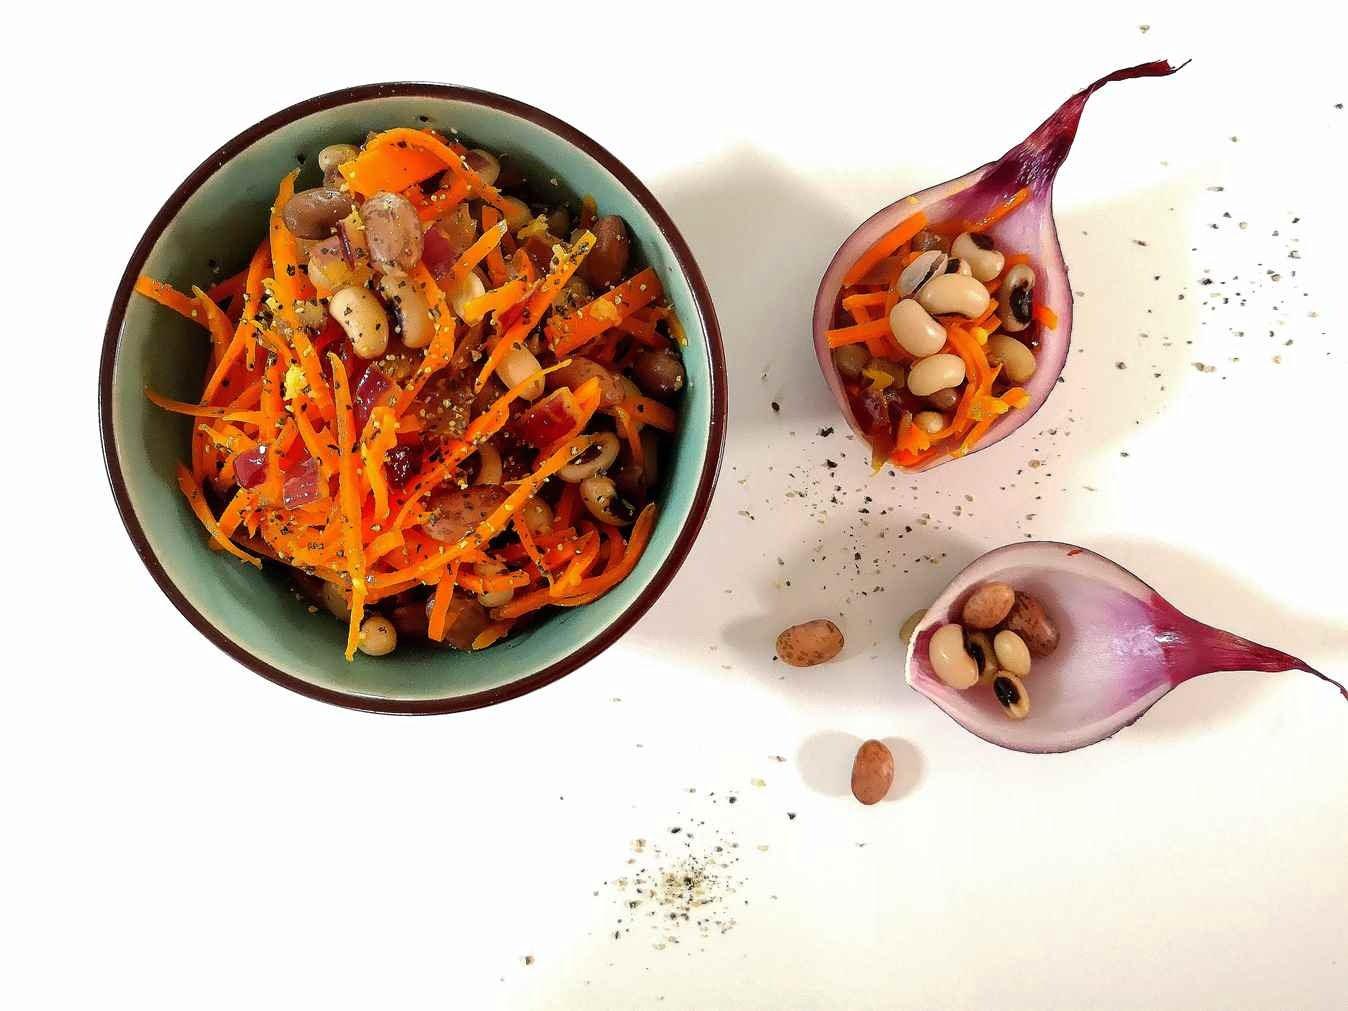 Pupelių patiekalas su daržovėmis - patiekalas iš pupelių pietums